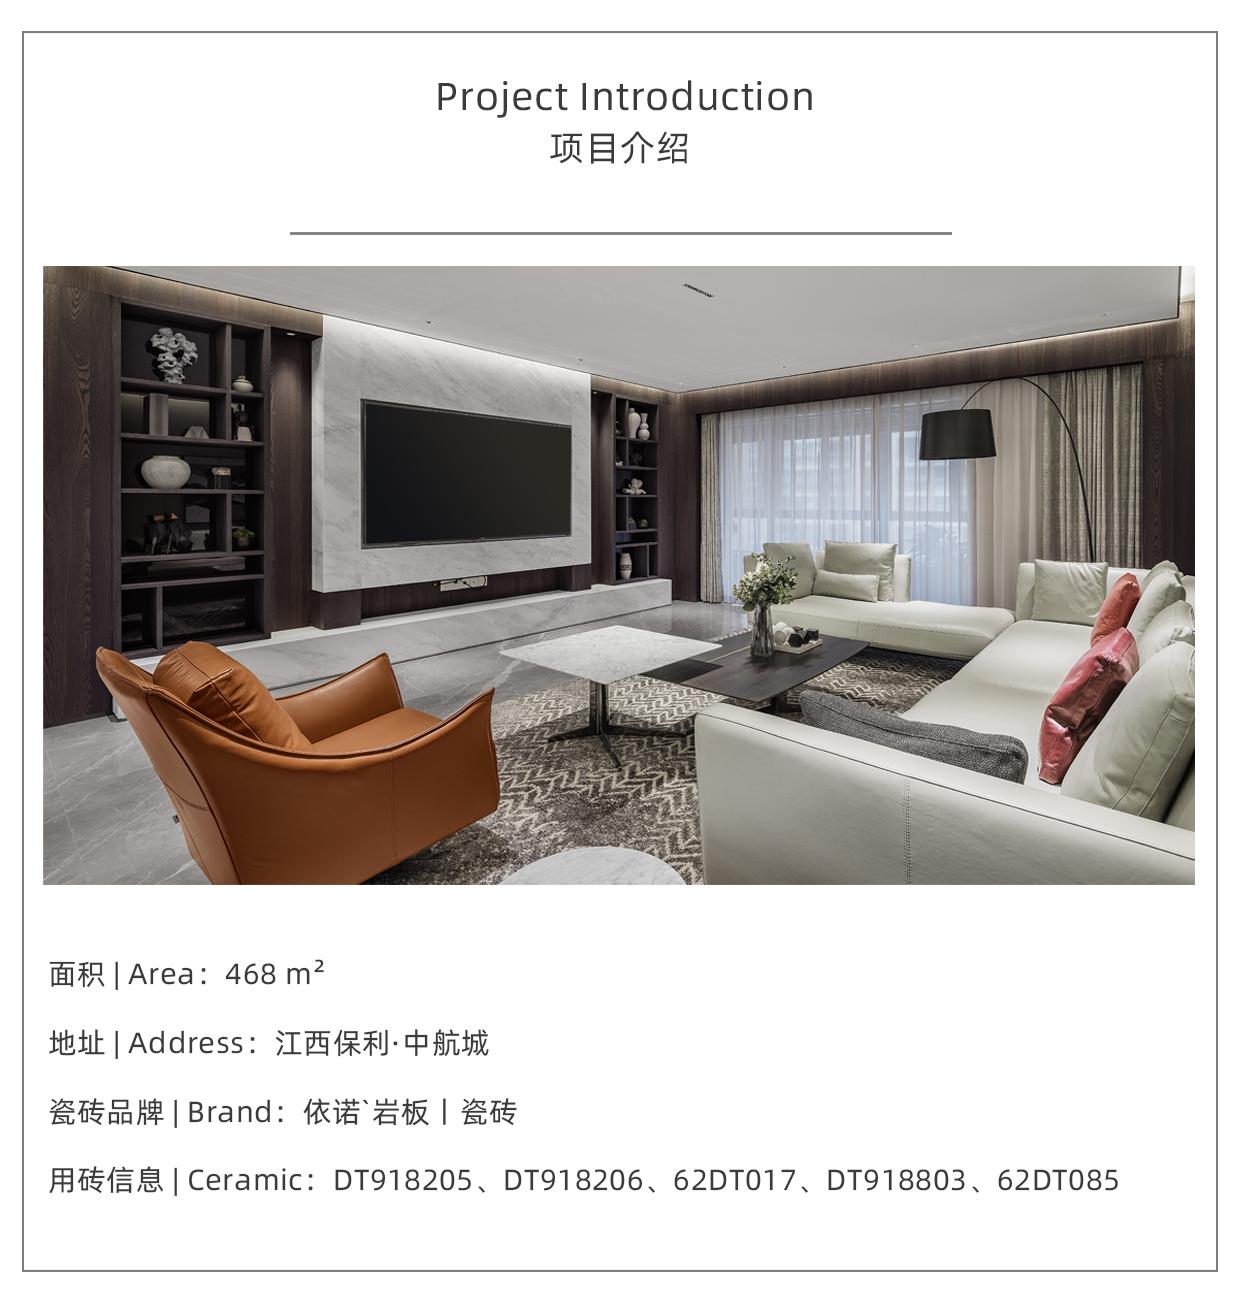 项目信息.jpg